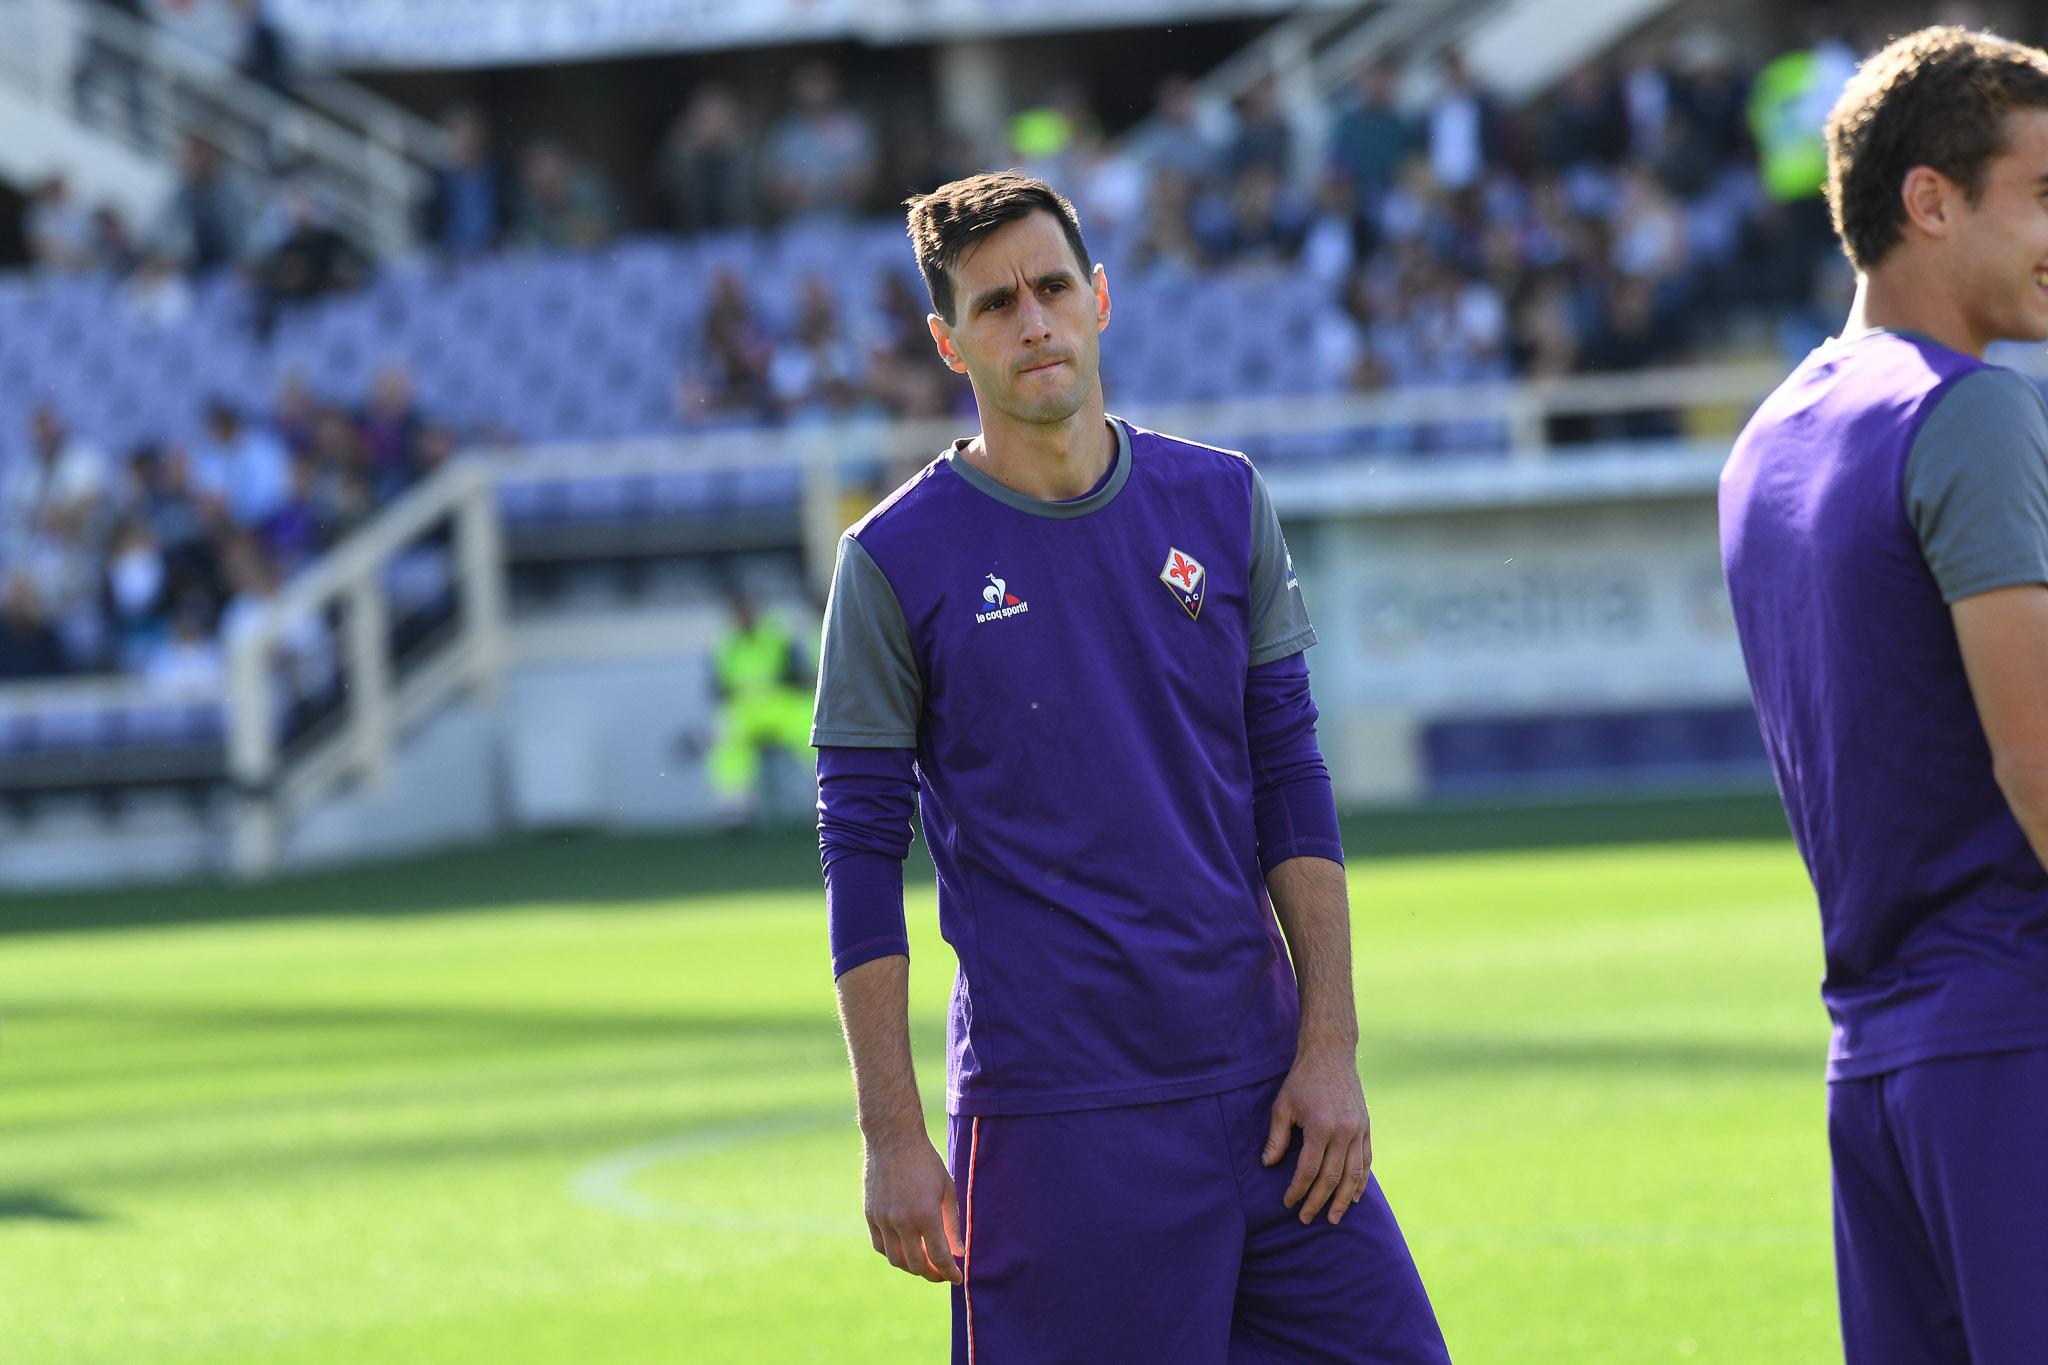 """Ag. Kalinic: """"Nikola alla Roma? Solo rumors, non ne so niente"""""""